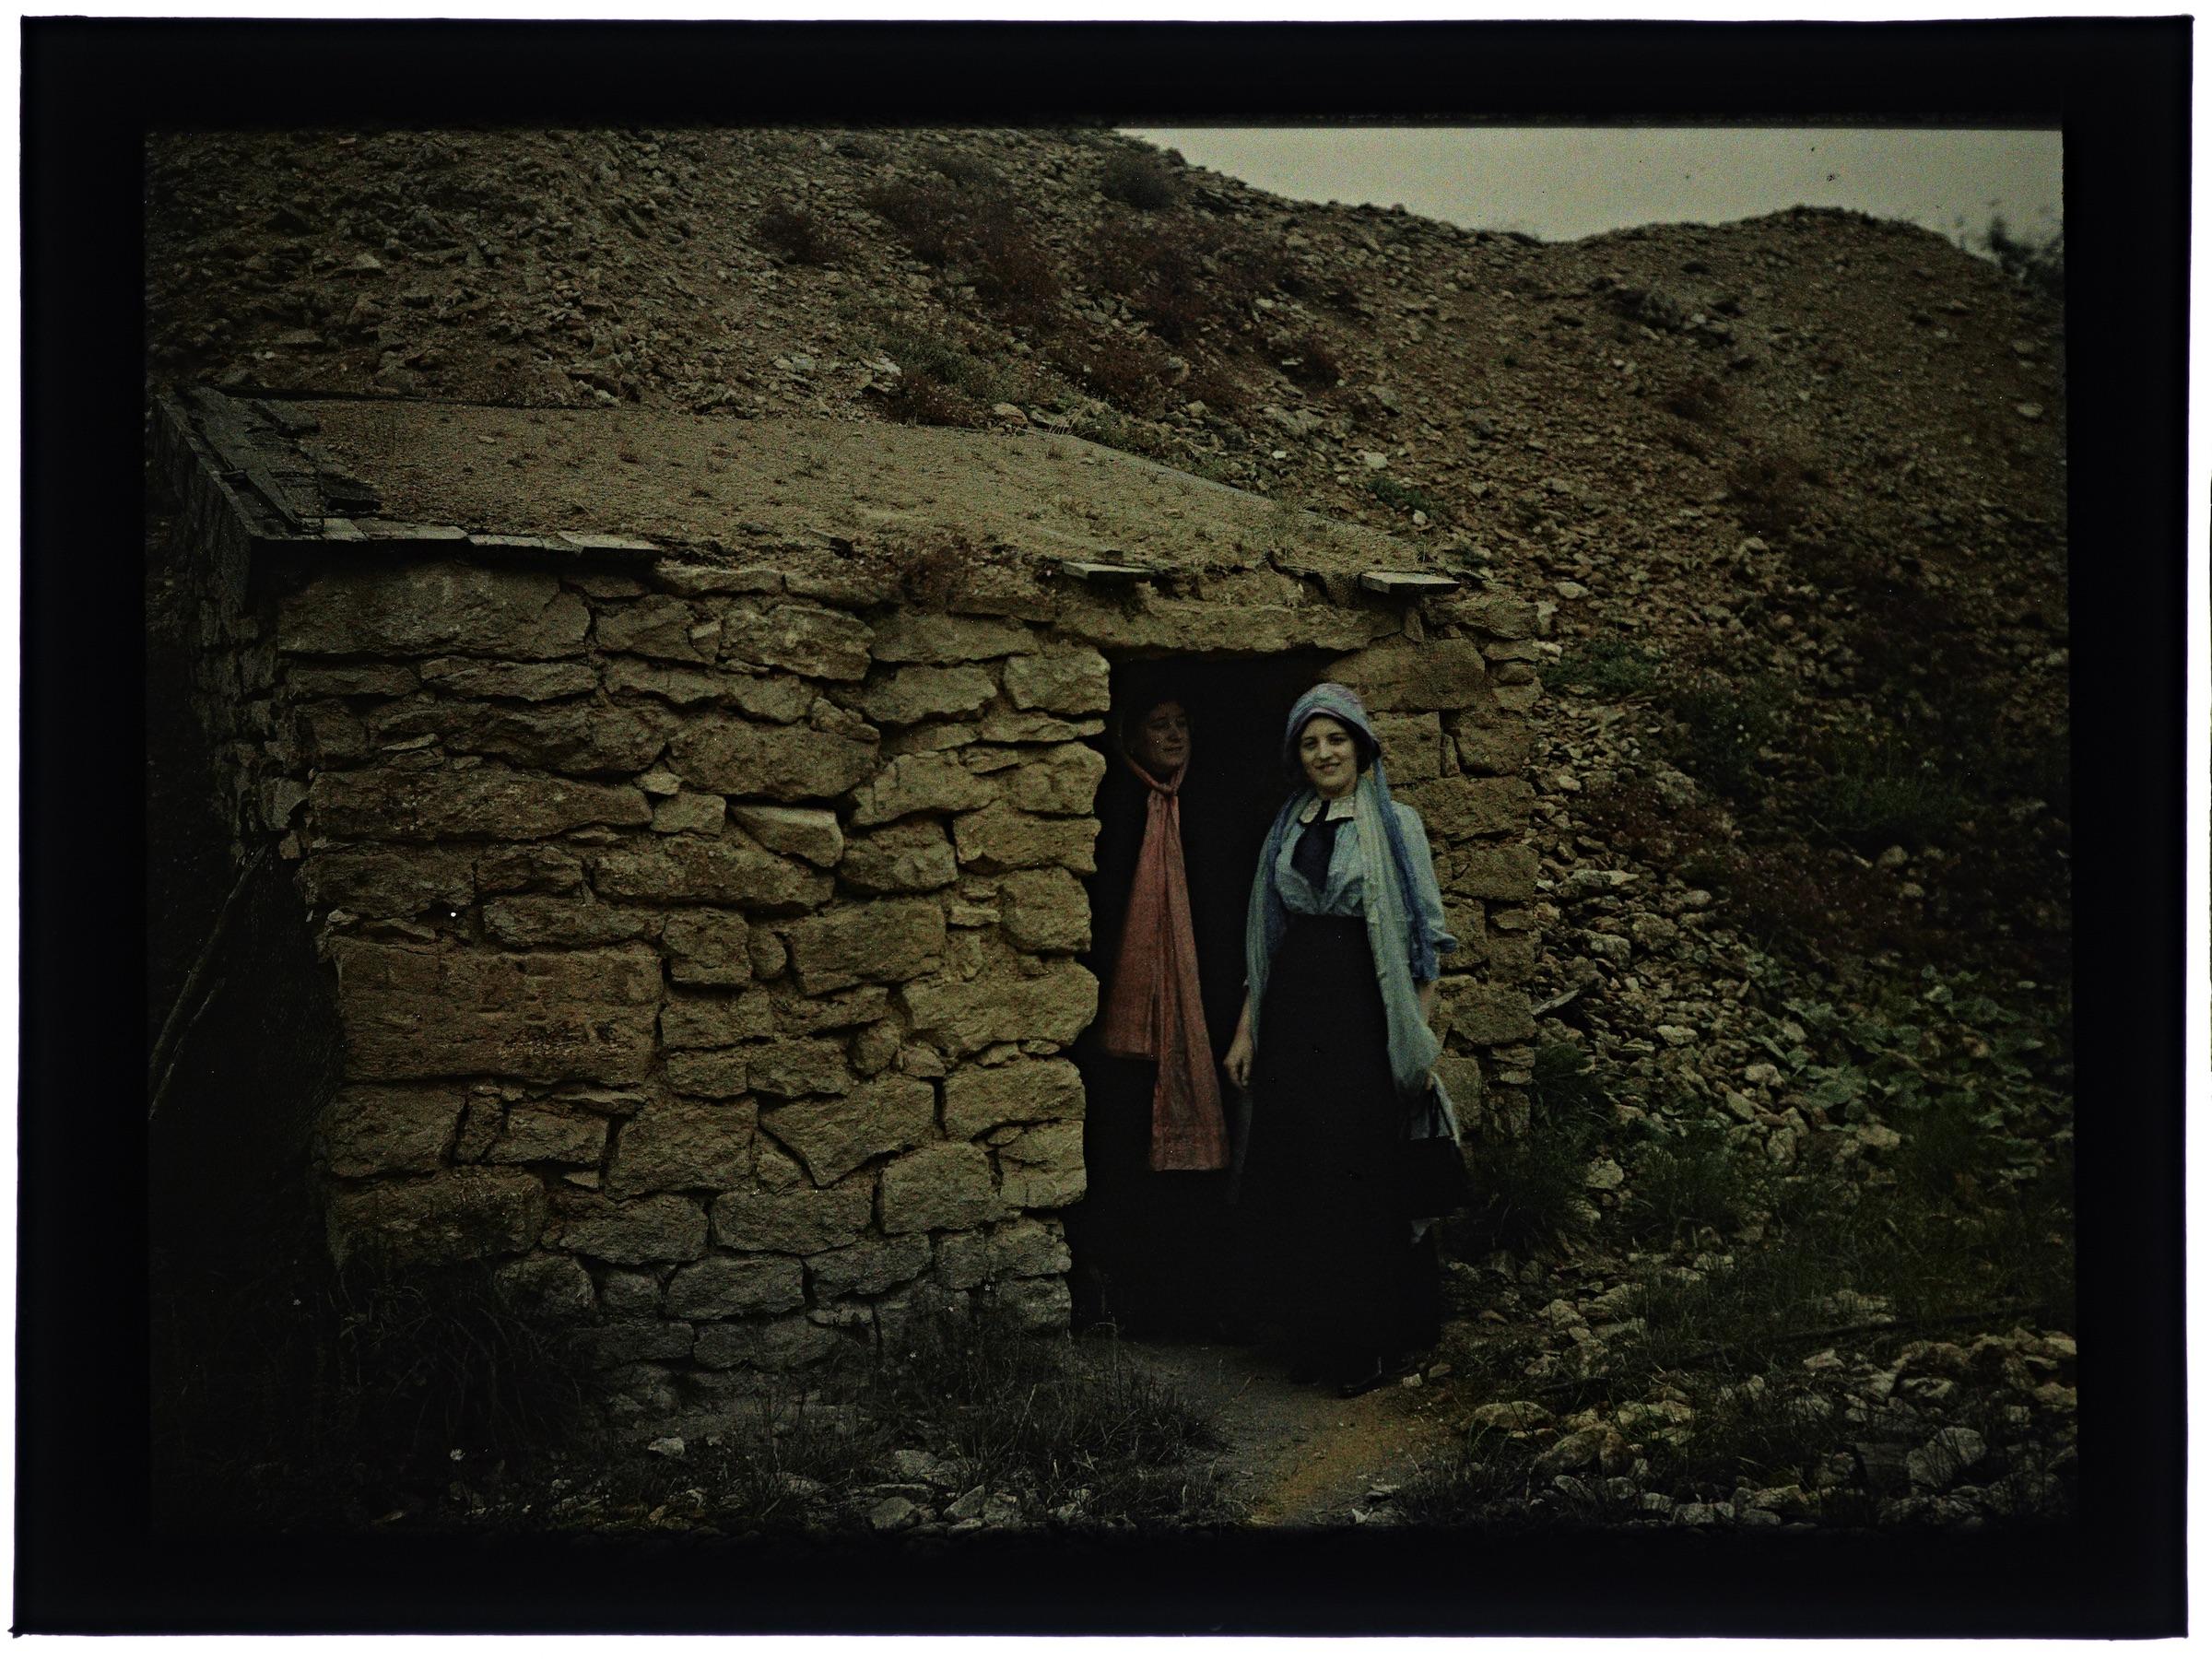 Une ou deux femmes dans une carrière de pierre